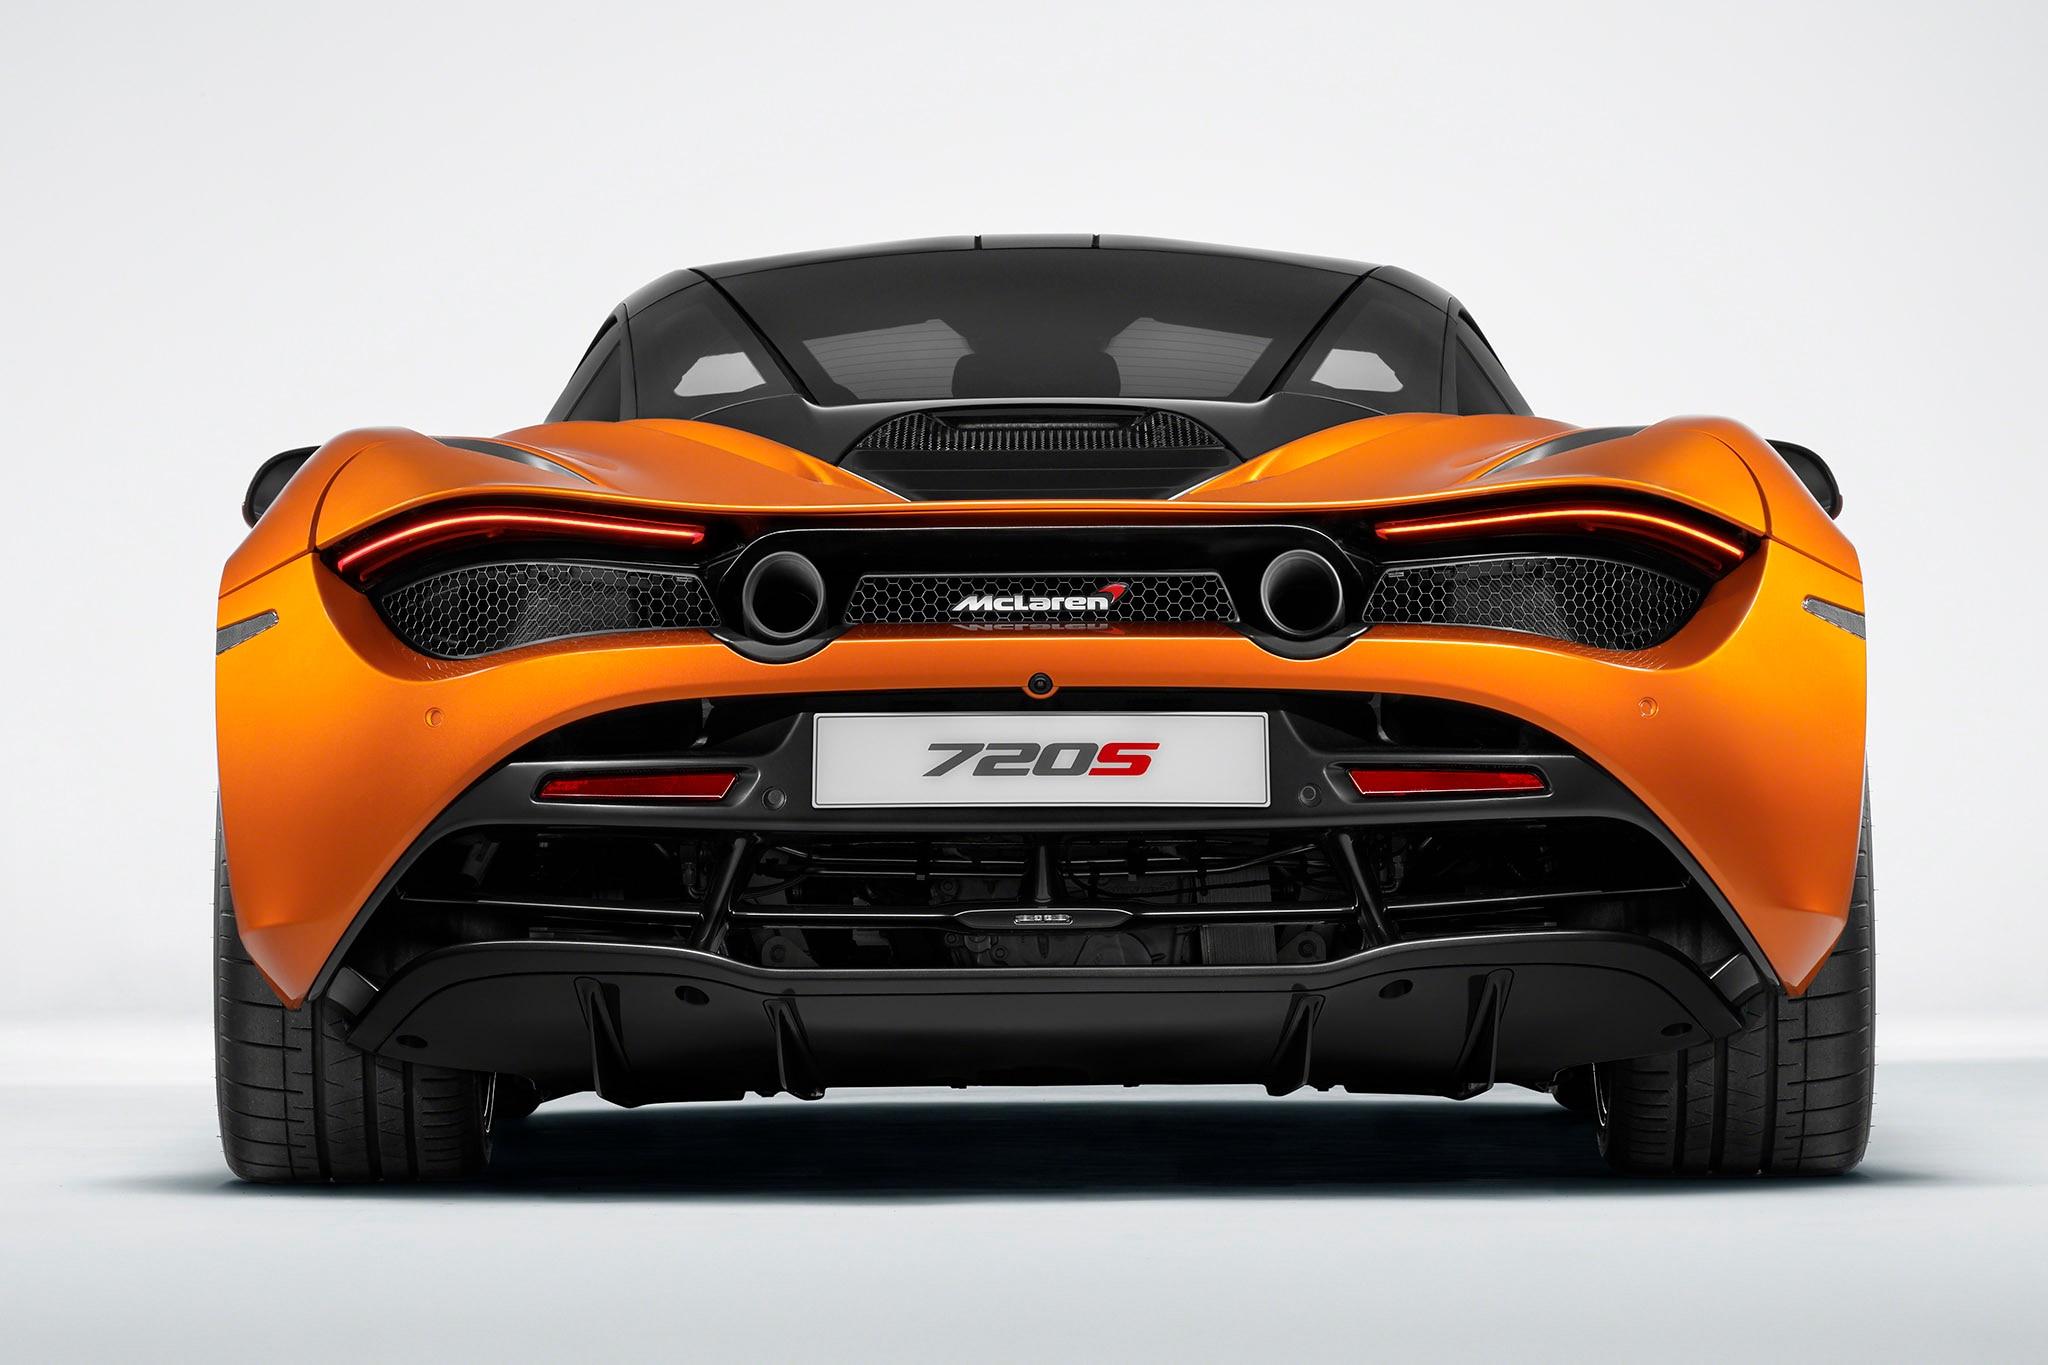 2018 McLaren 720S Rear